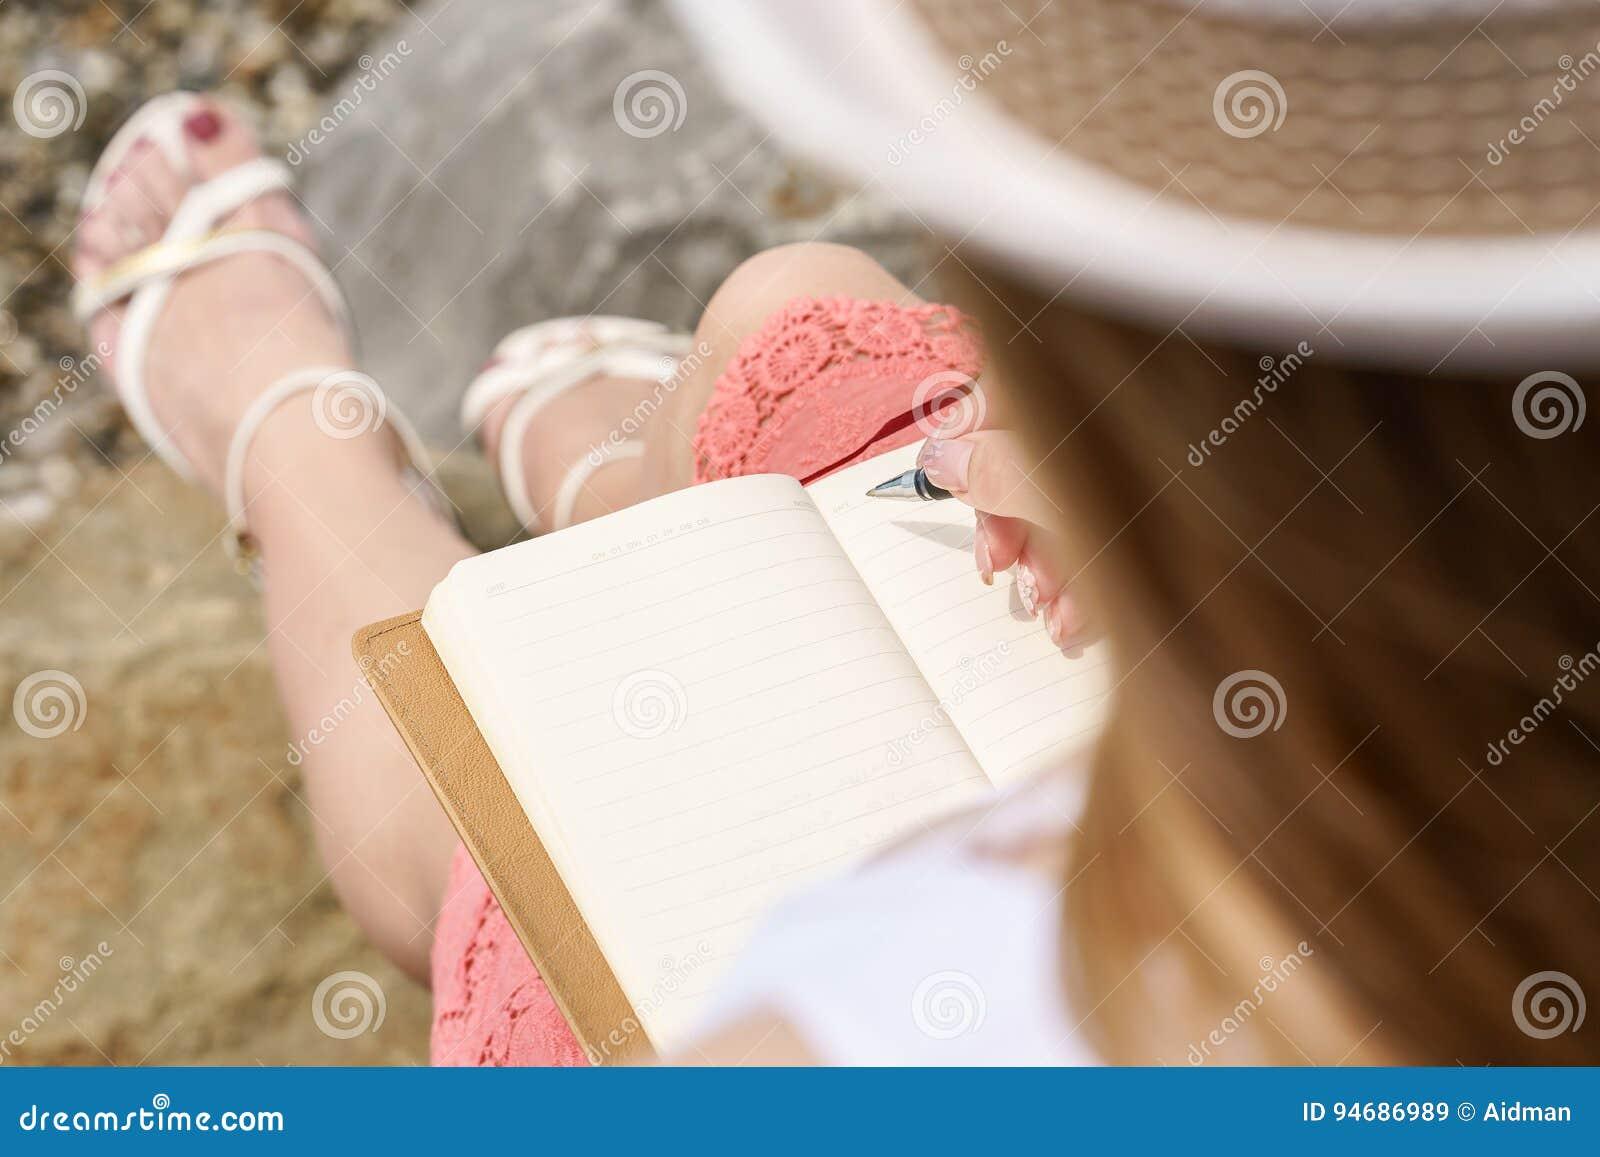 Одна довольно европейская женщина sittin на камне c и записи некоторых идеи, письма или работы ручкой в ее блокноте